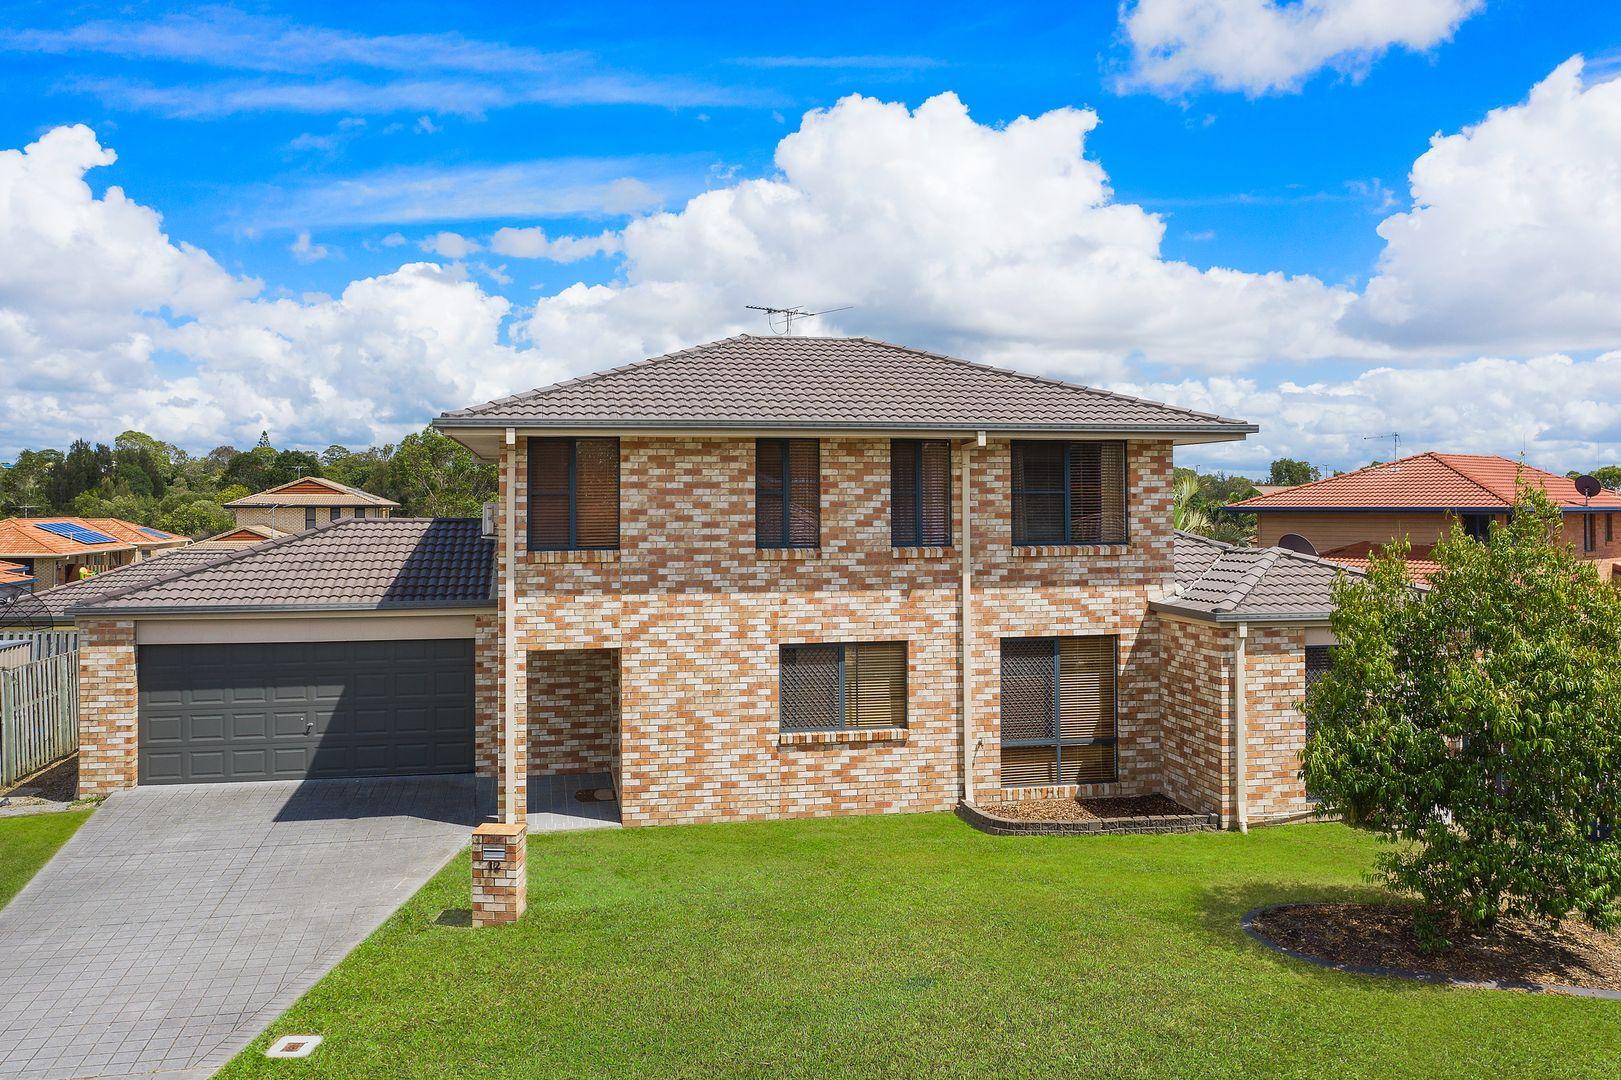 12 Oaktree Place, Bracken Ridge QLD 4017, Image 0